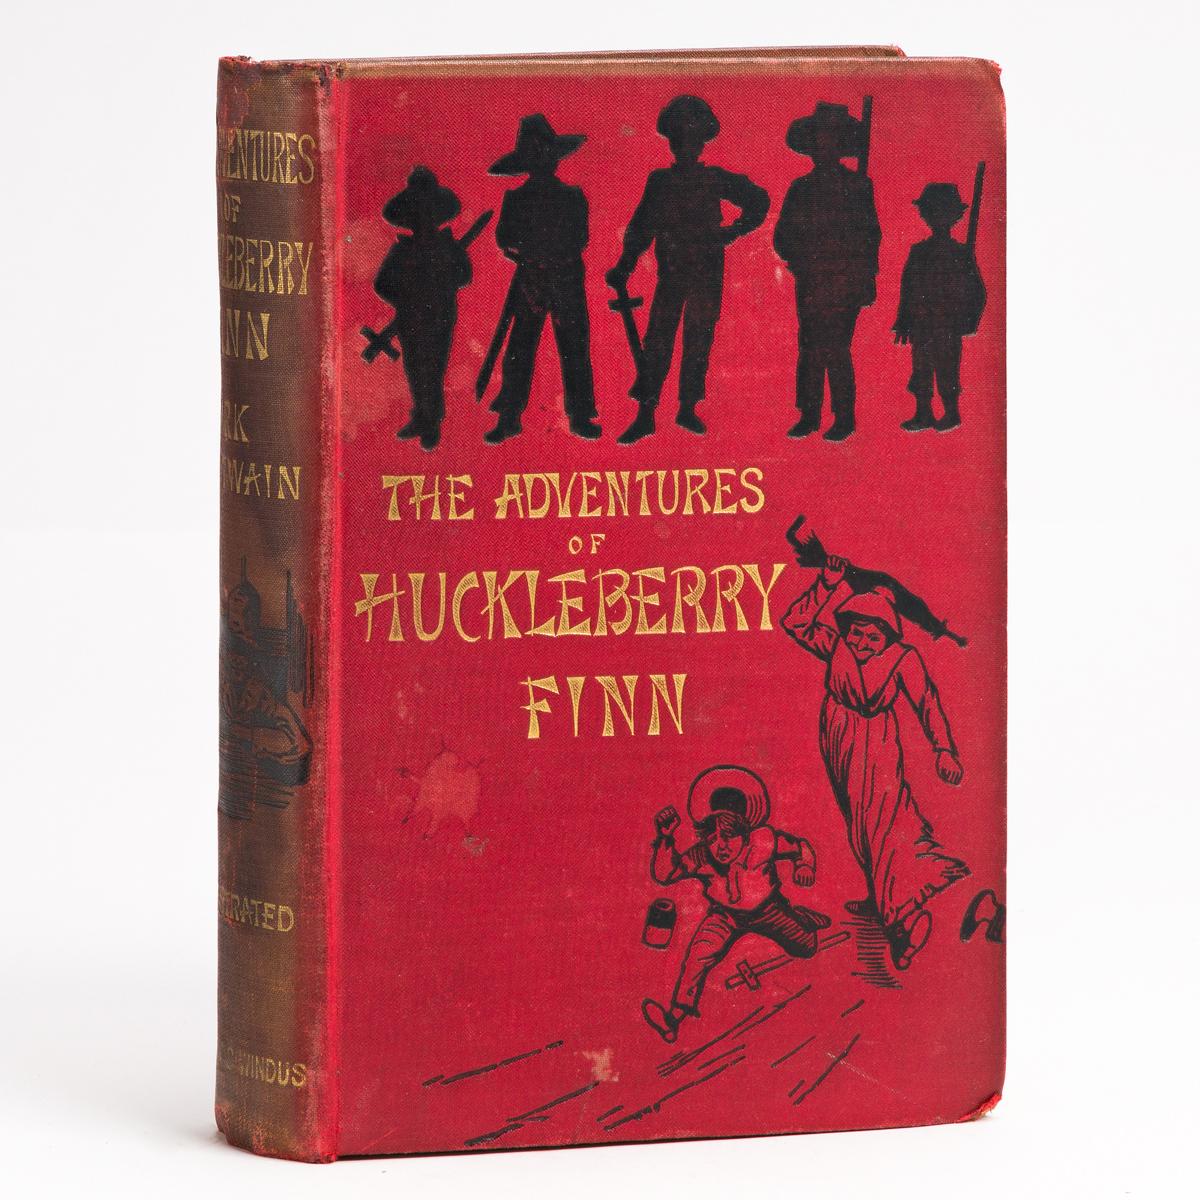 TWAIN, MARK. The Adventures of Huckleberry Finn.